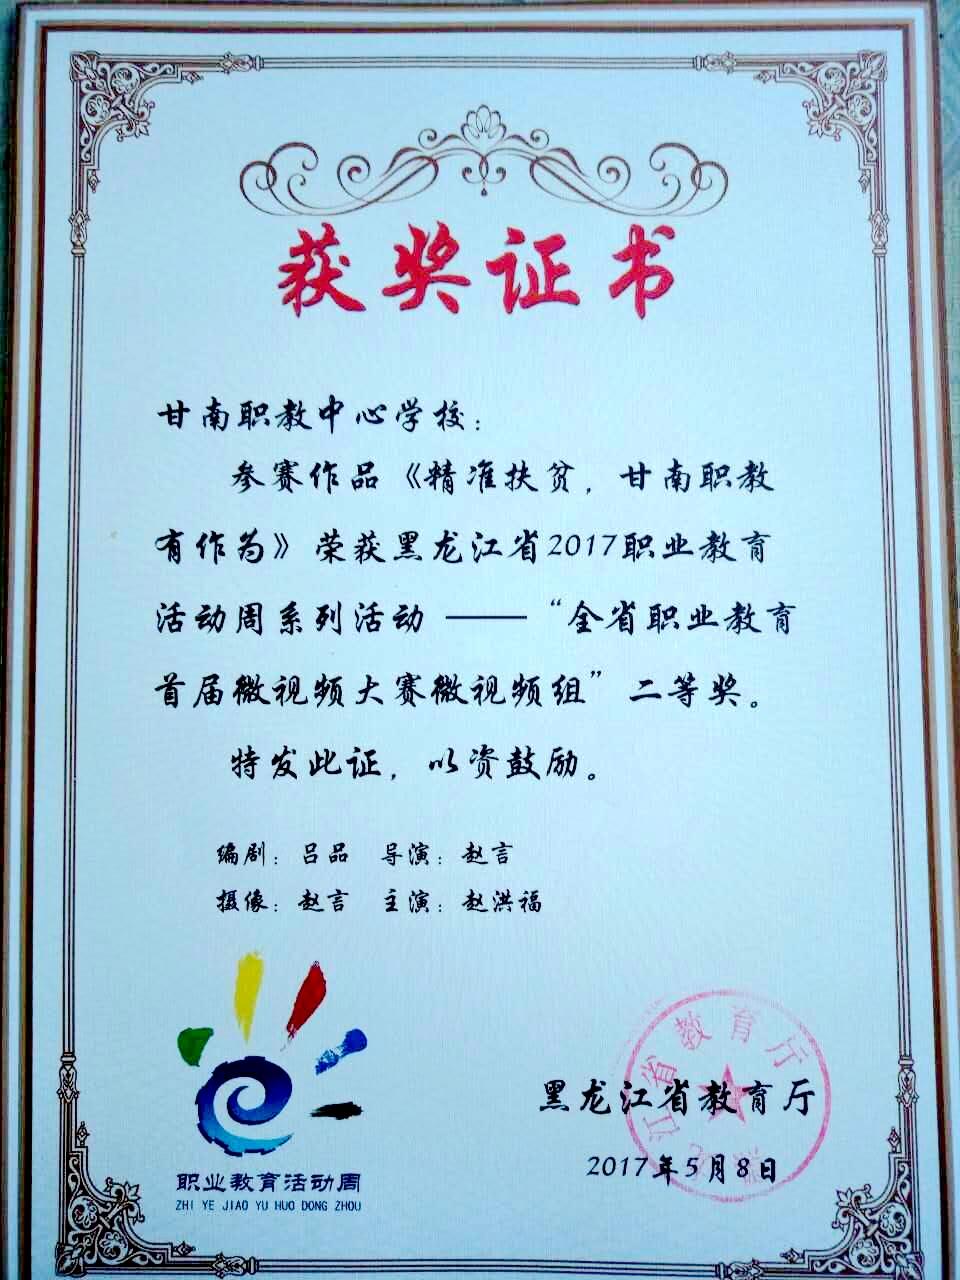 我校在黑龙江省2017职业教育活动周中获奖